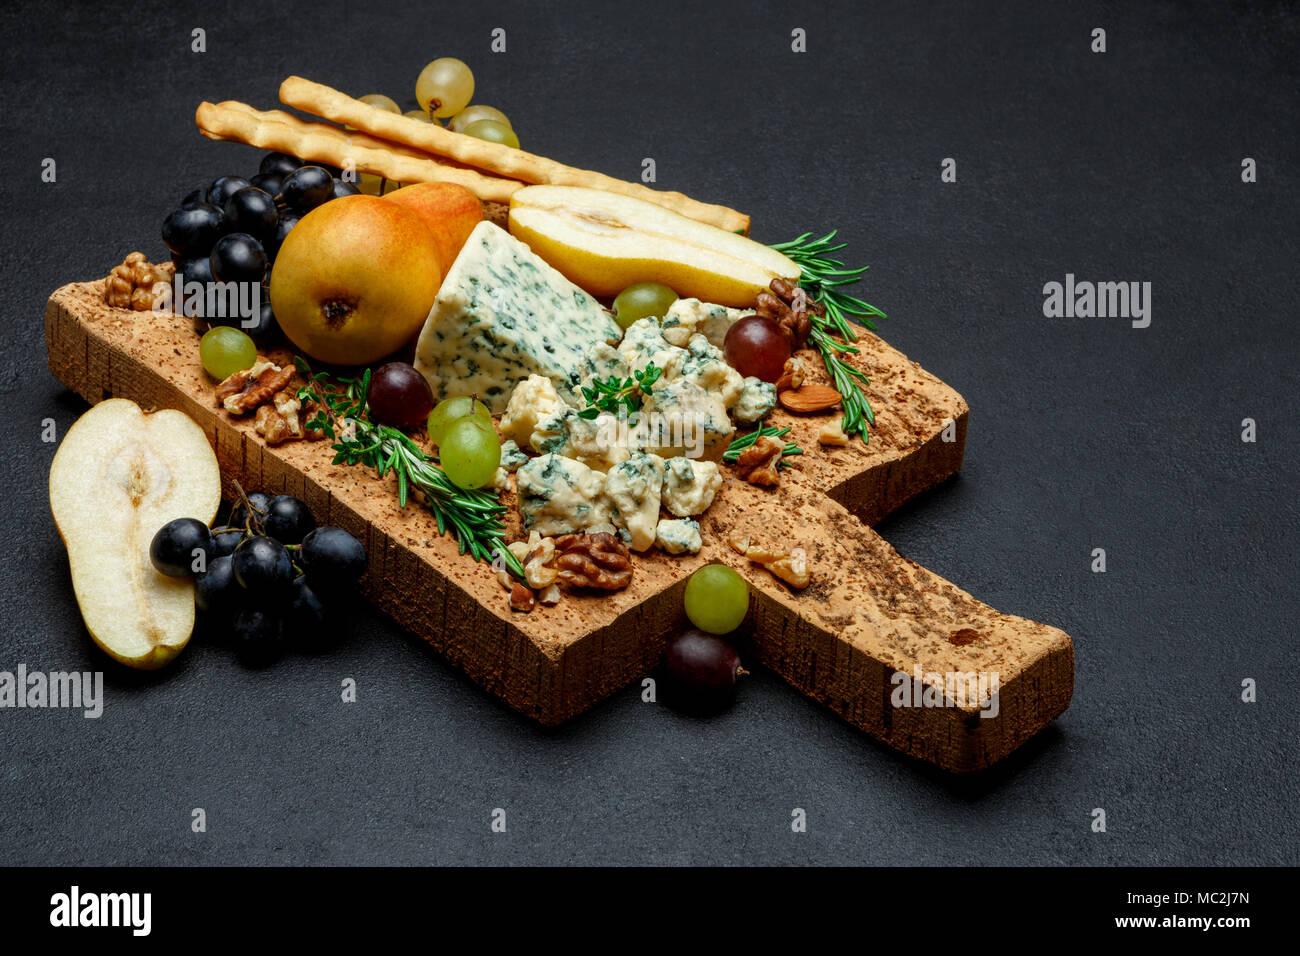 Pere e formaggio sul tagliere di legno Immagini Stock